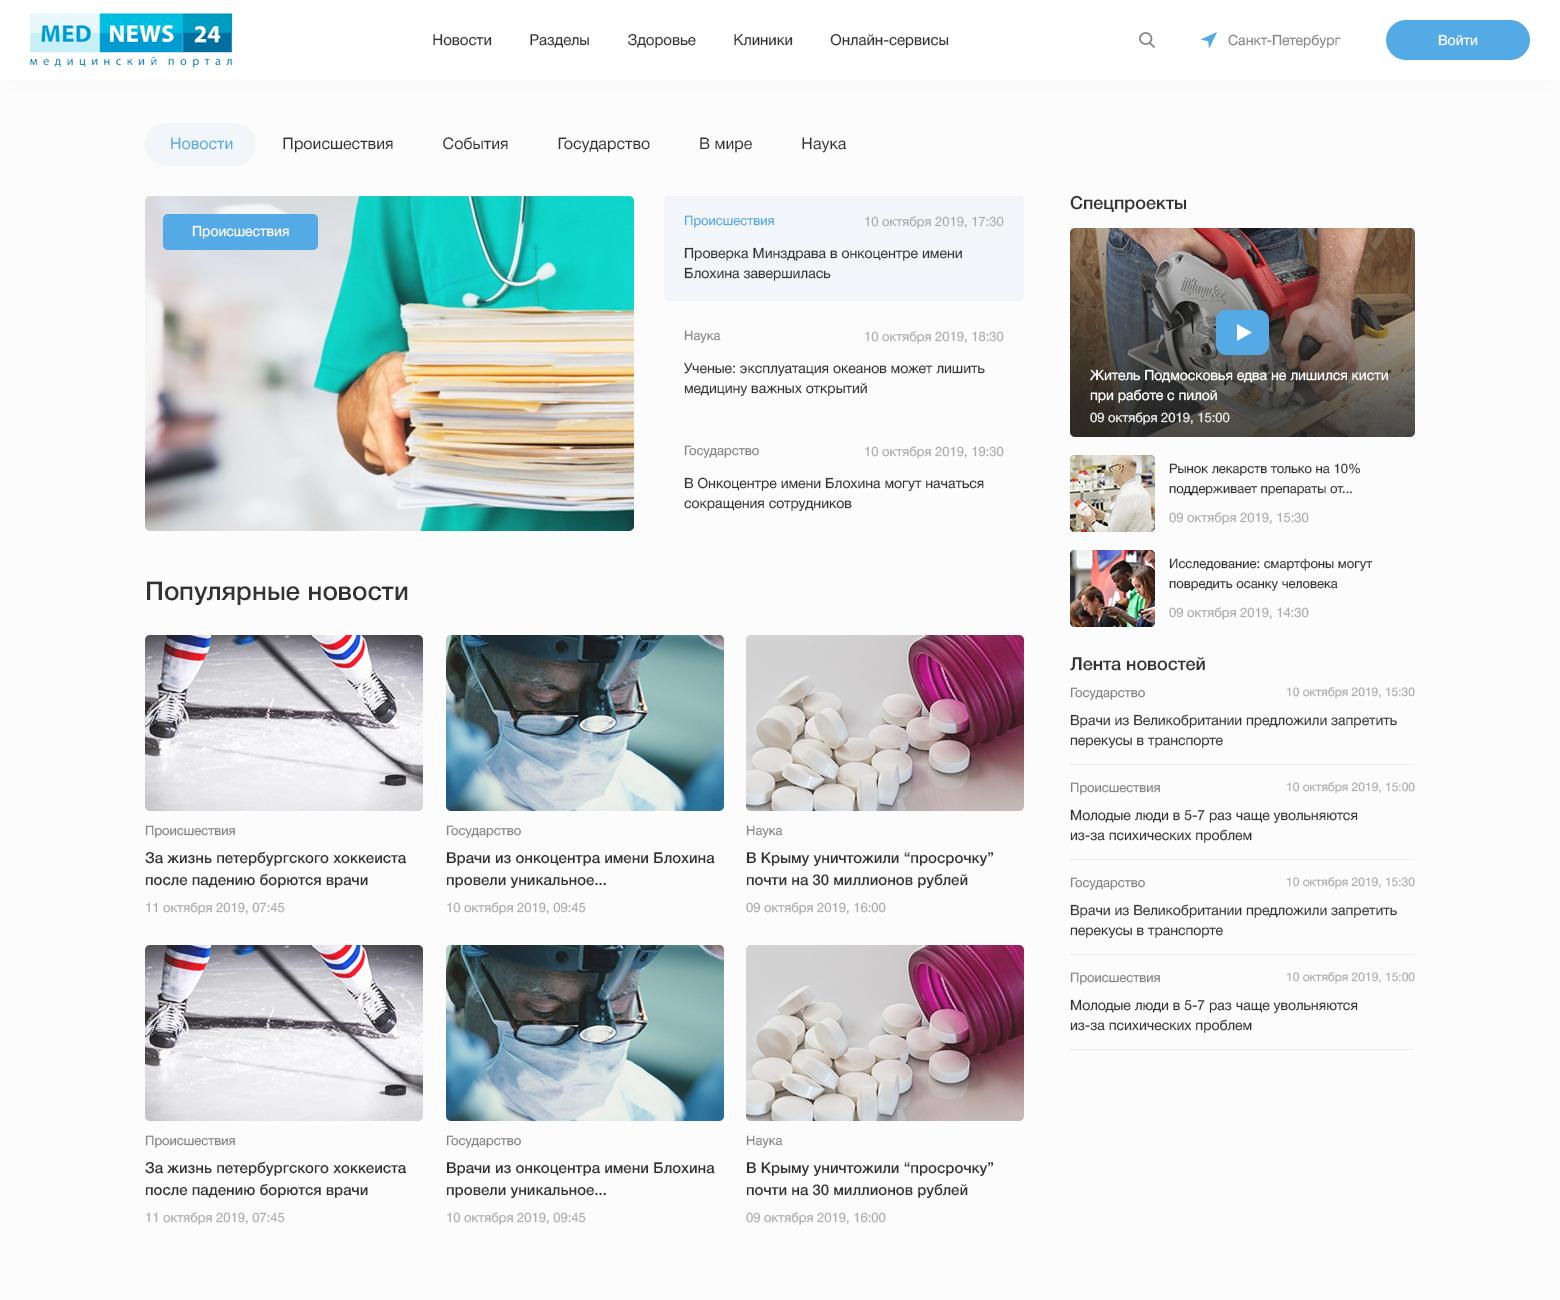 Редизайн главной страницы портала mednews24.ru фото f_1475da0b5cccb715.jpg